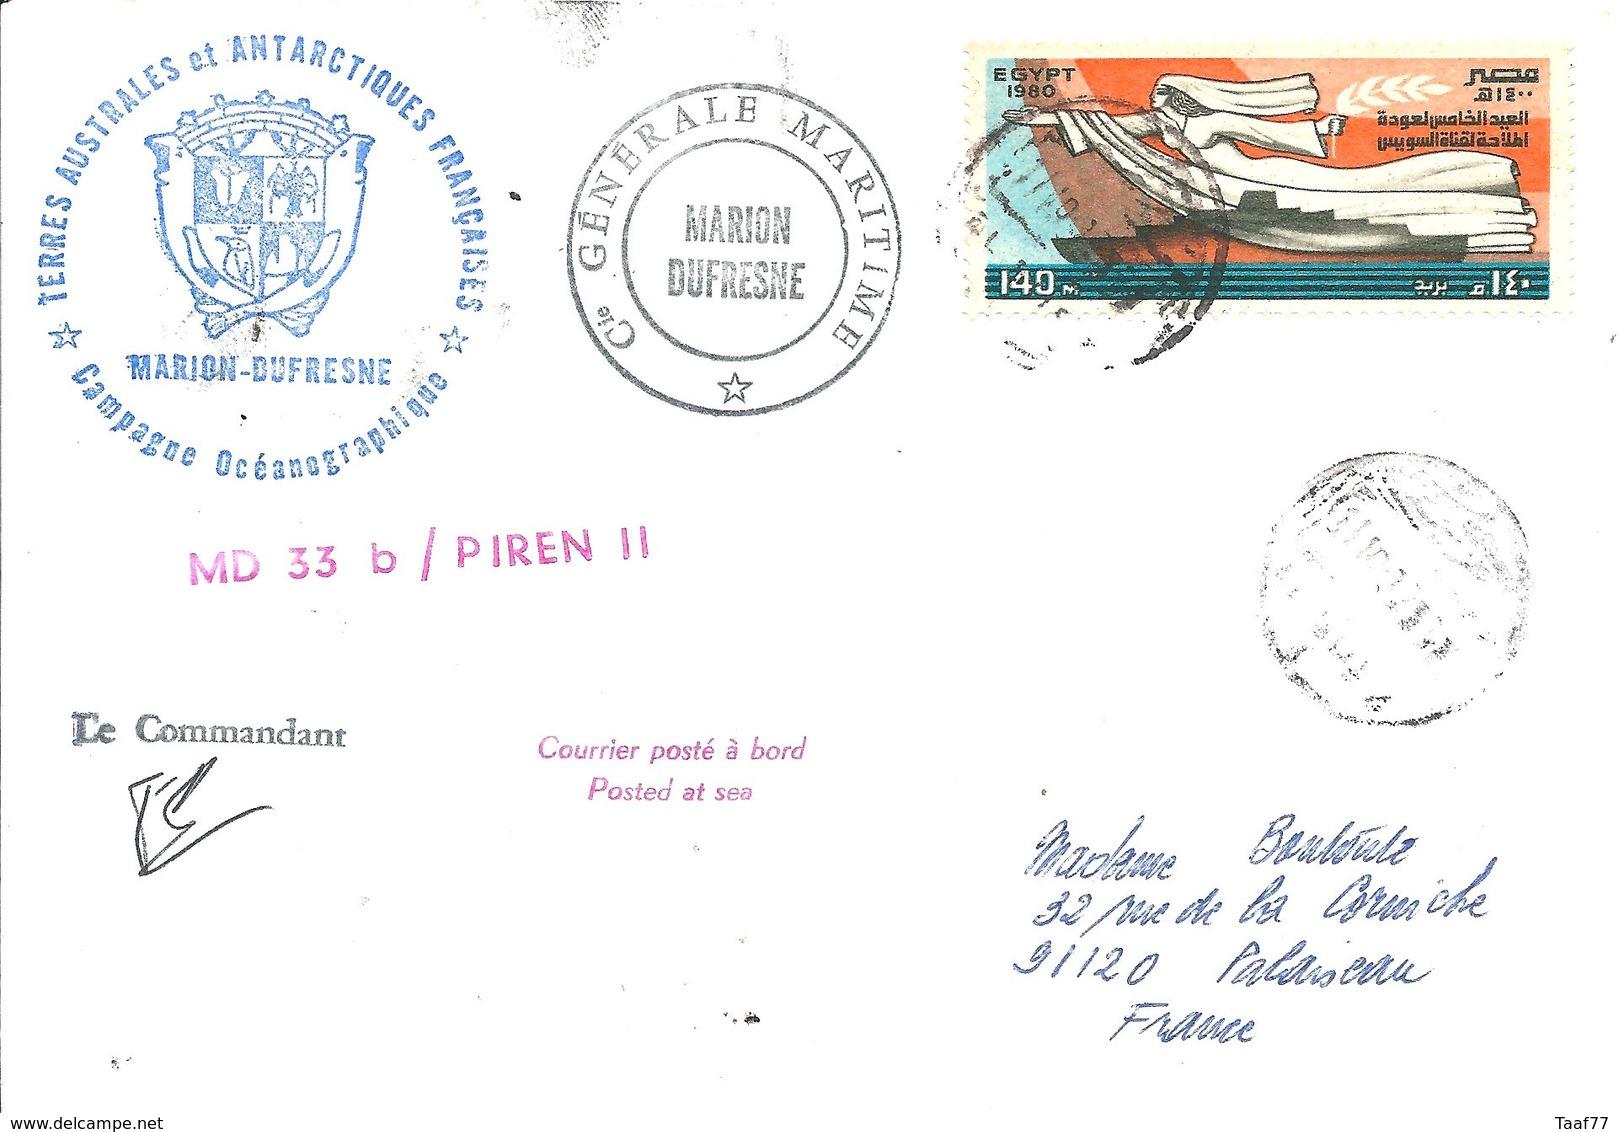 """TAAF - Lettre """"Marion Dufresne"""" Avec Egypte N°1119 Réouverture Du Canal De Suez + Cachet Manuel EL SUEZ - 11/10/1982 - Lettres & Documents"""